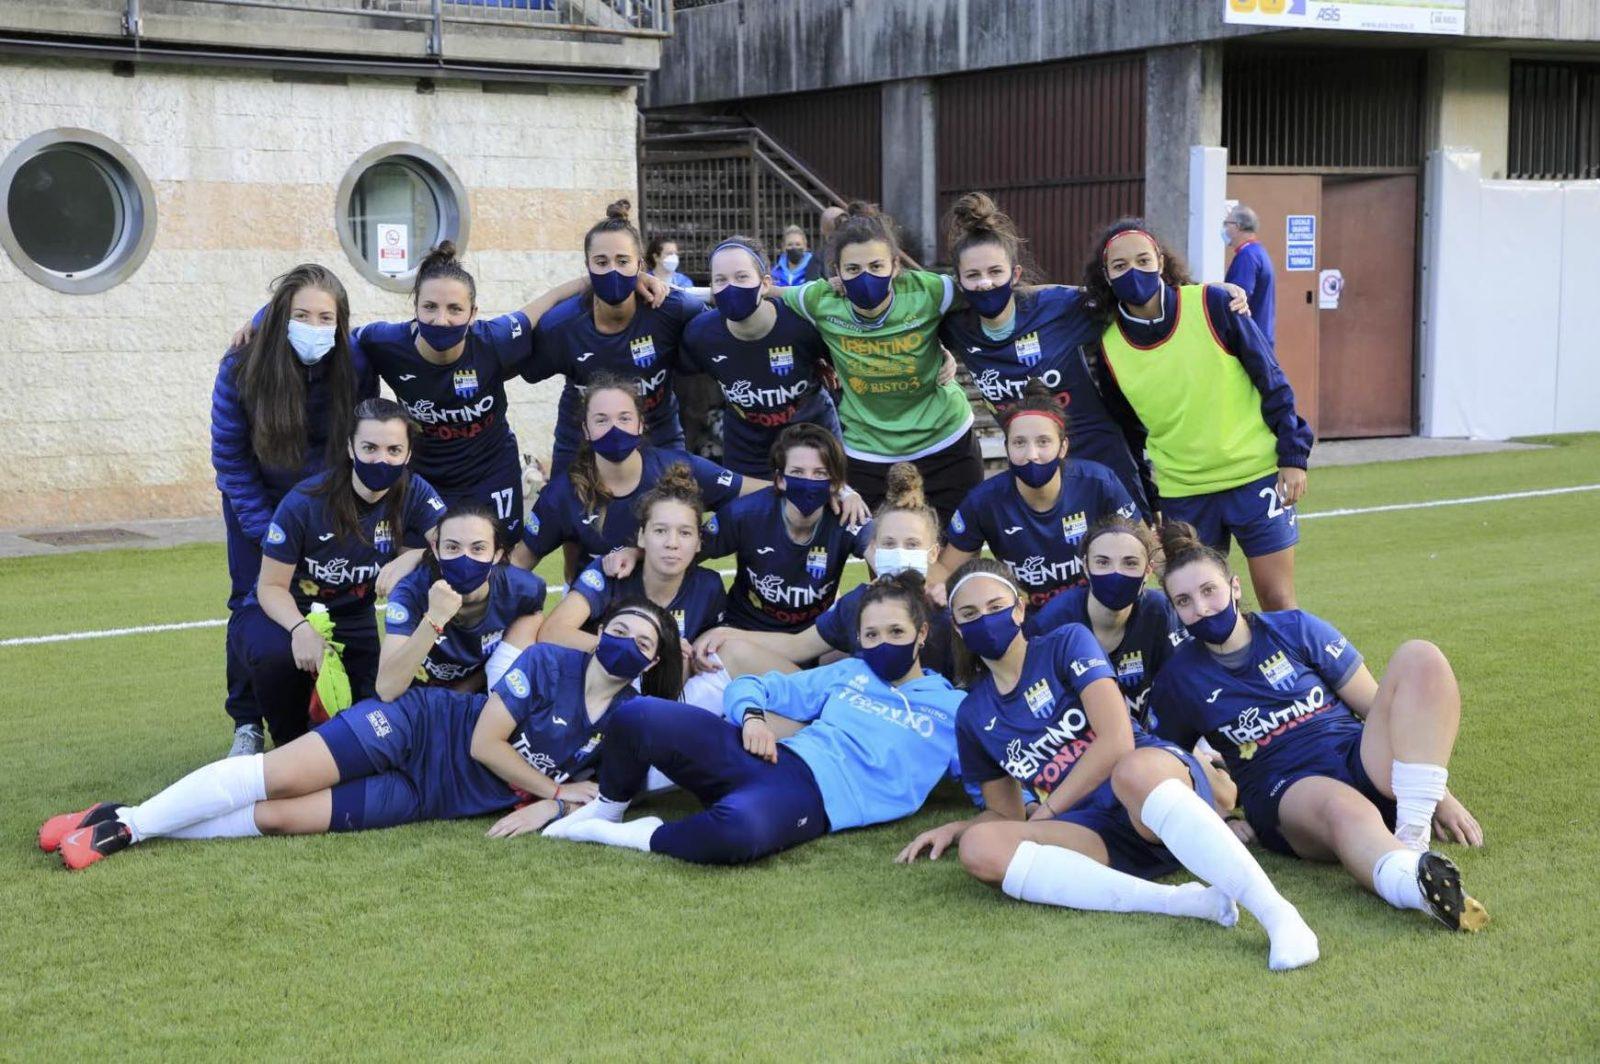 Vittoria del Trento calcio femminile che batte la Triestina 2-1